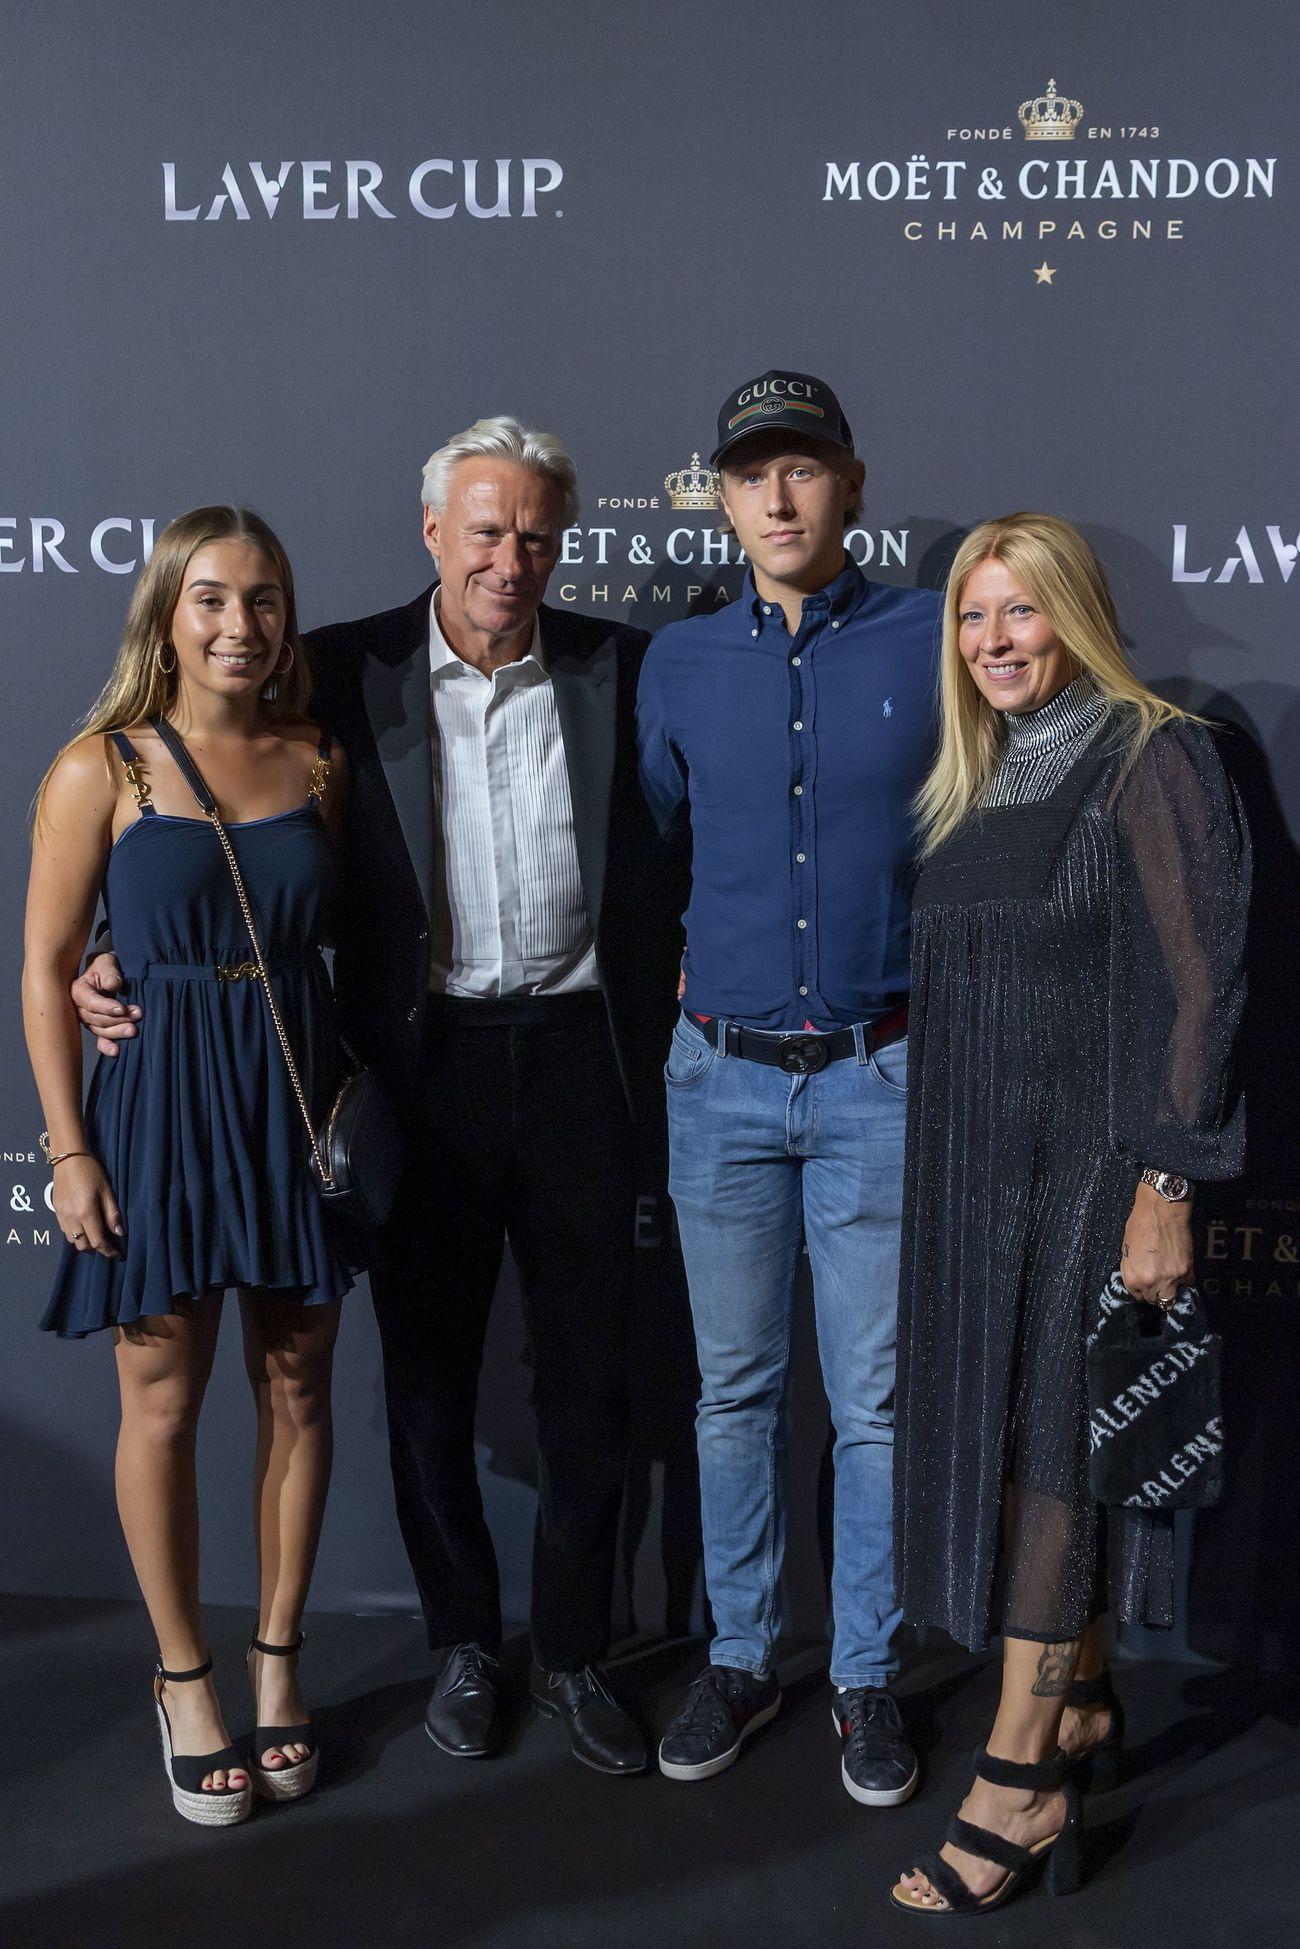 Bjorn Borg junto a su esposa Patricia Ostfeldt y su hijo Leo Borg en la alfombra roja de la noche de gala de la Laver Cup en Ginebra.